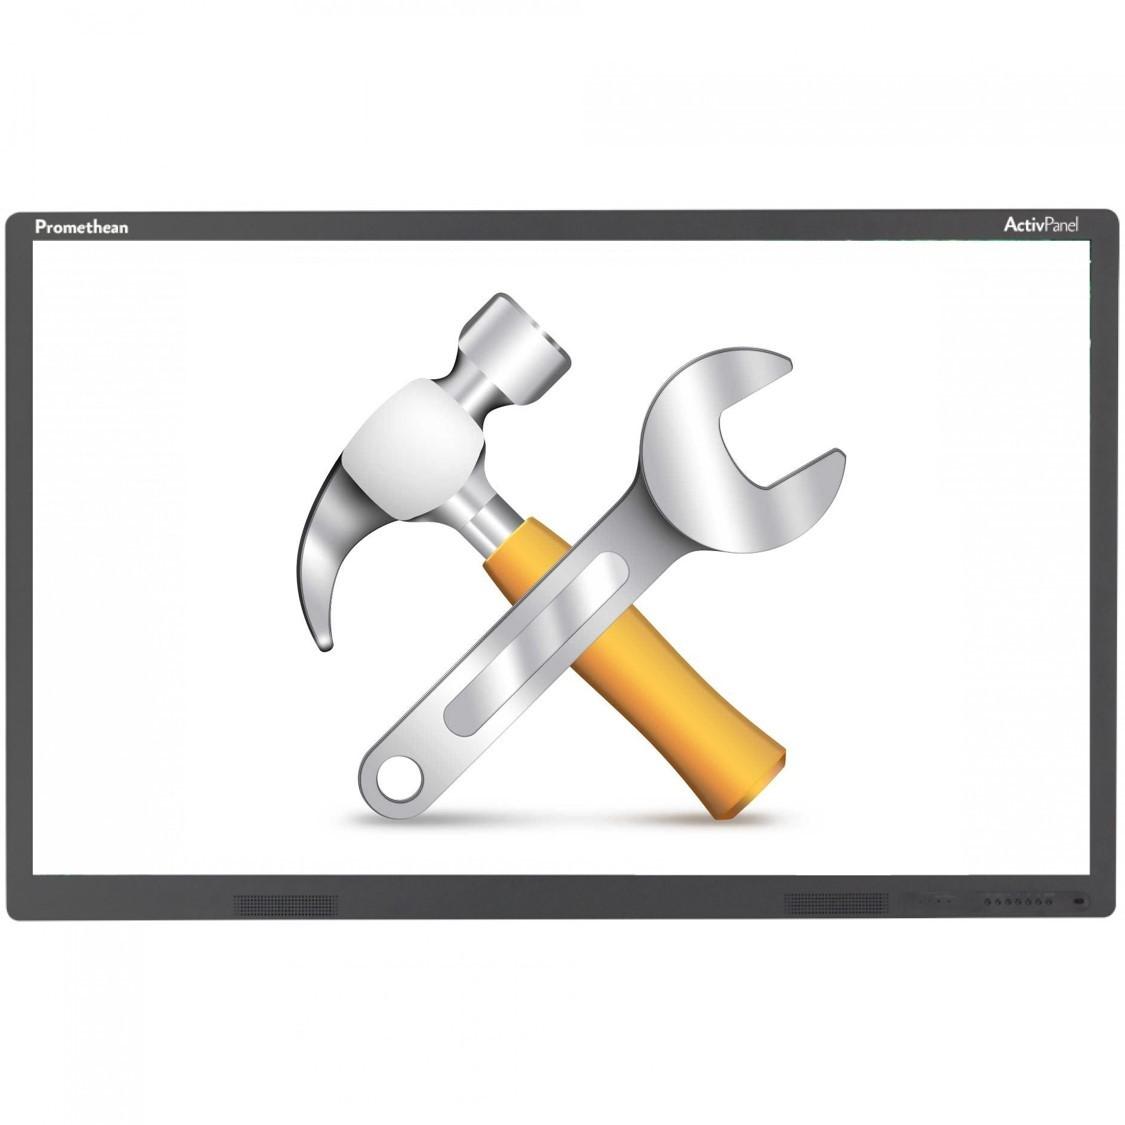 Forfait d'installation d'un écran interactif et de son support